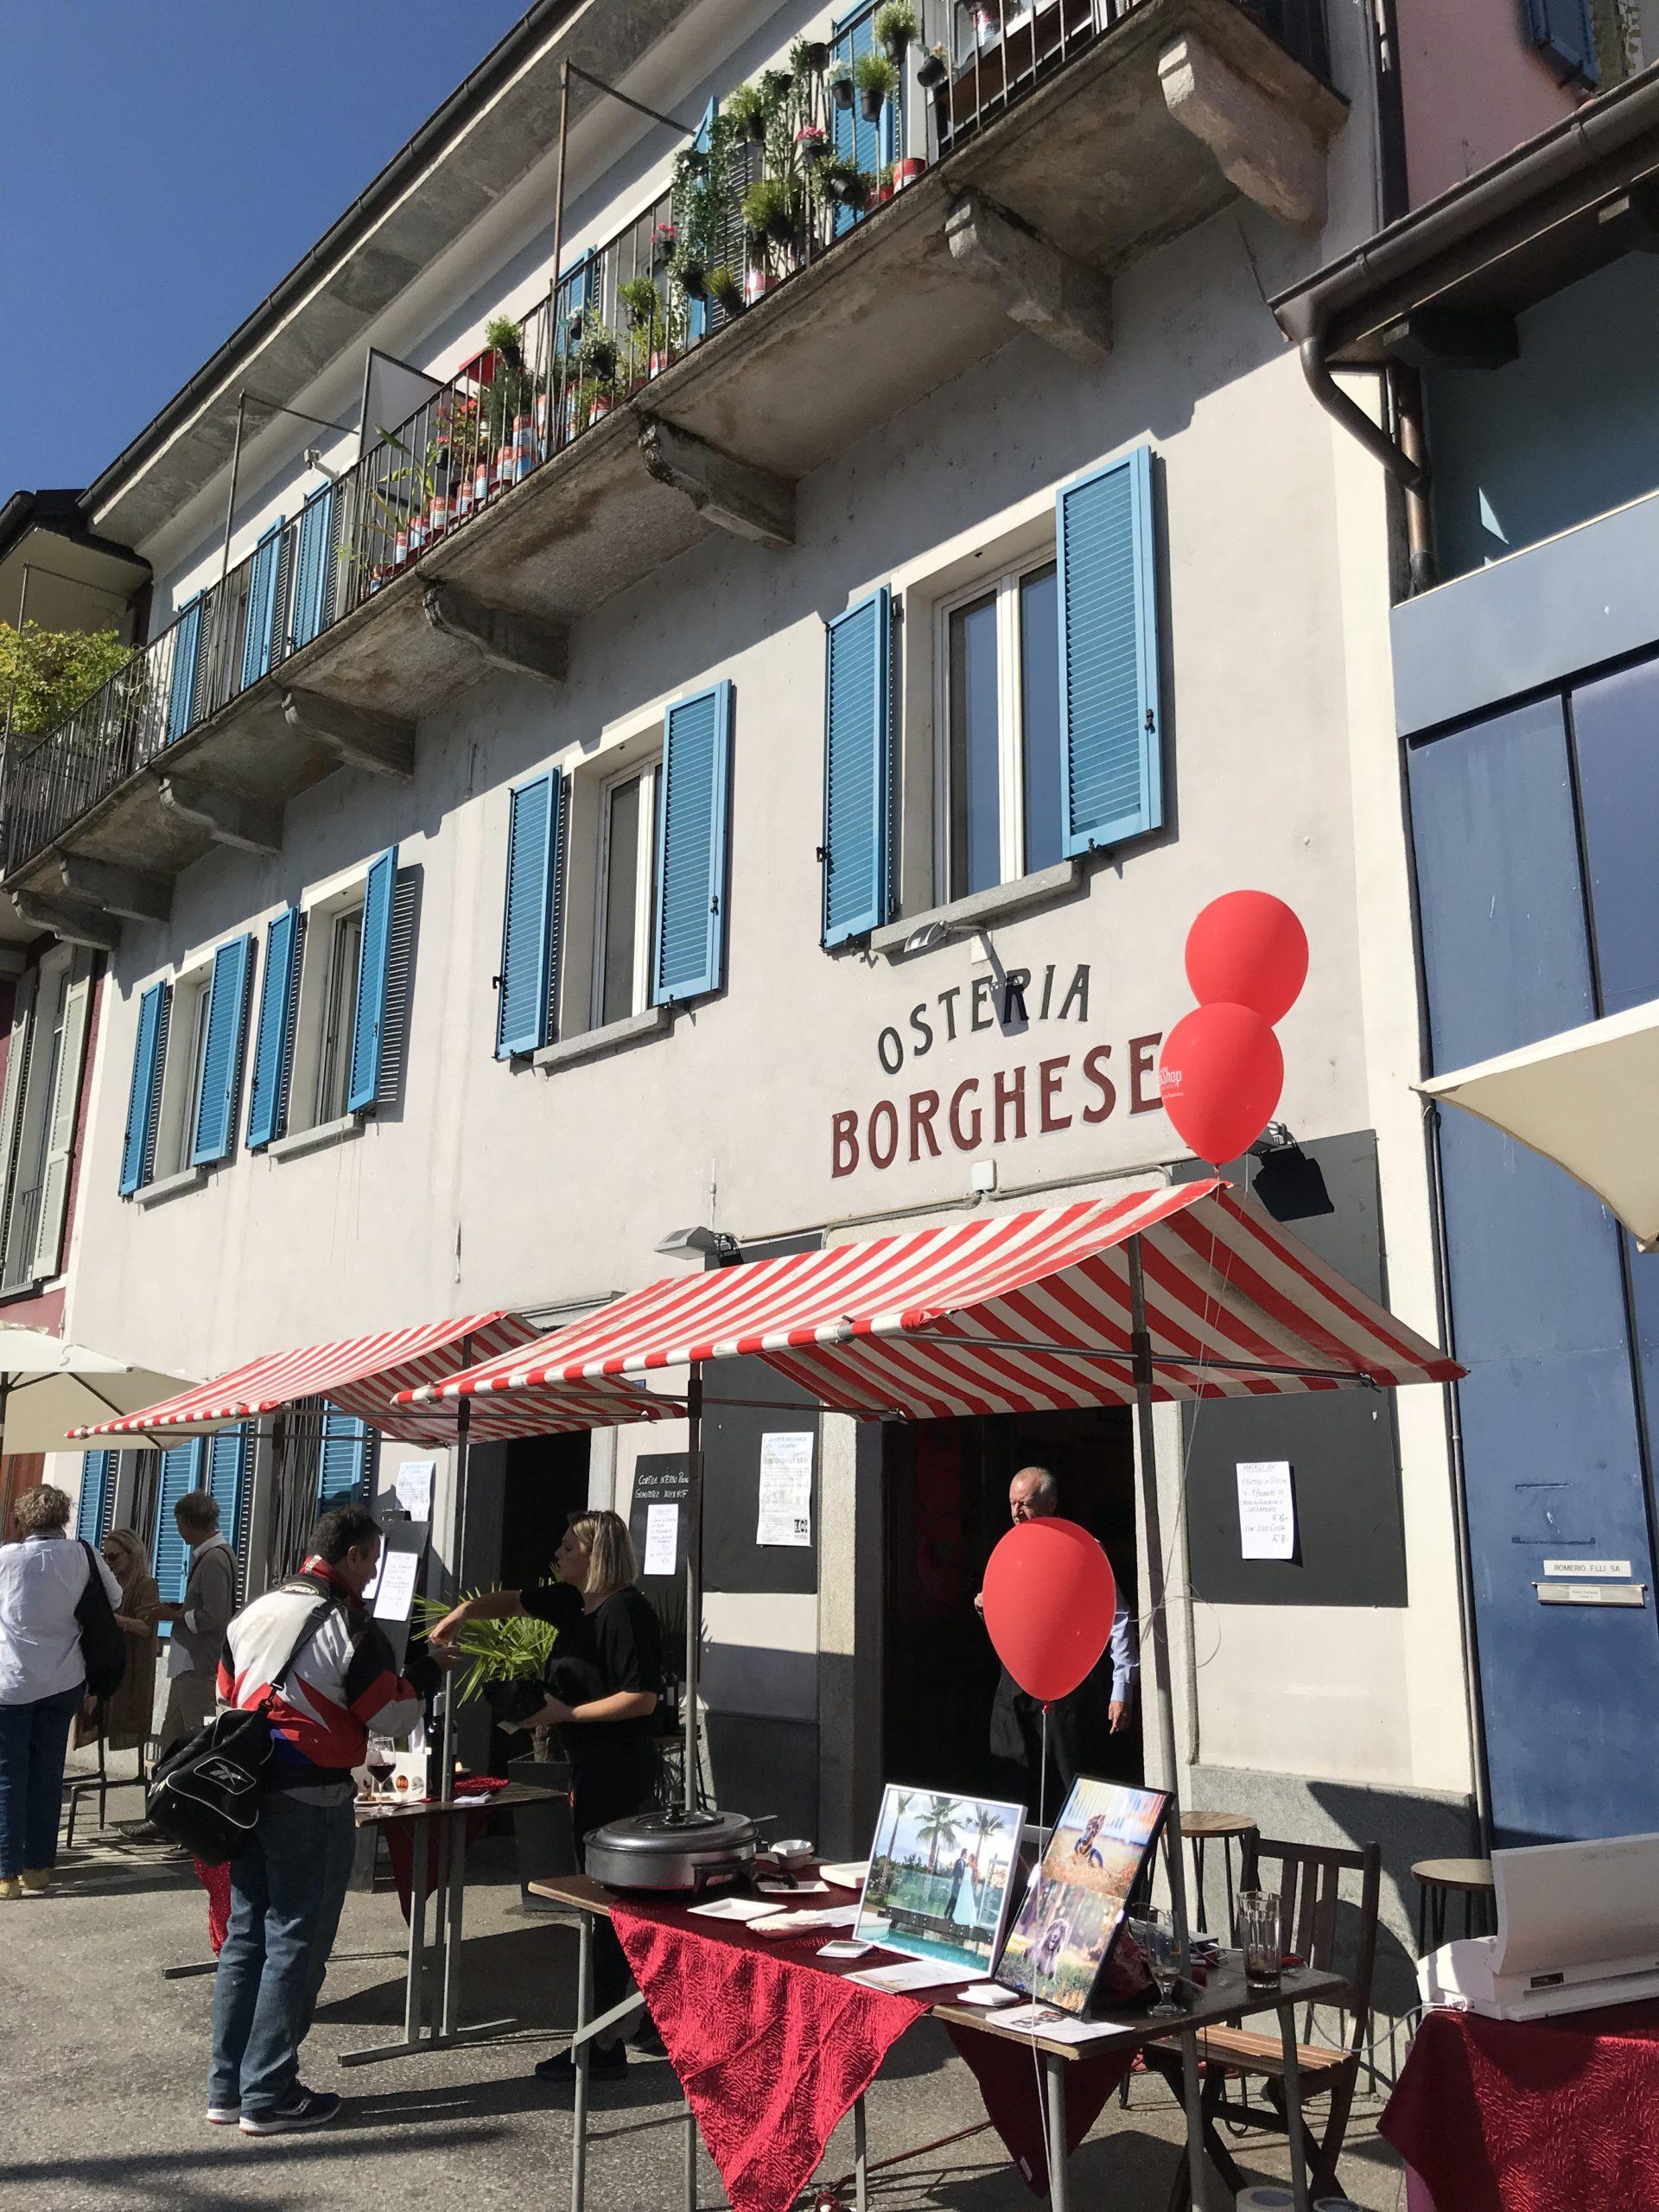 Osteria Borghese in Locarno